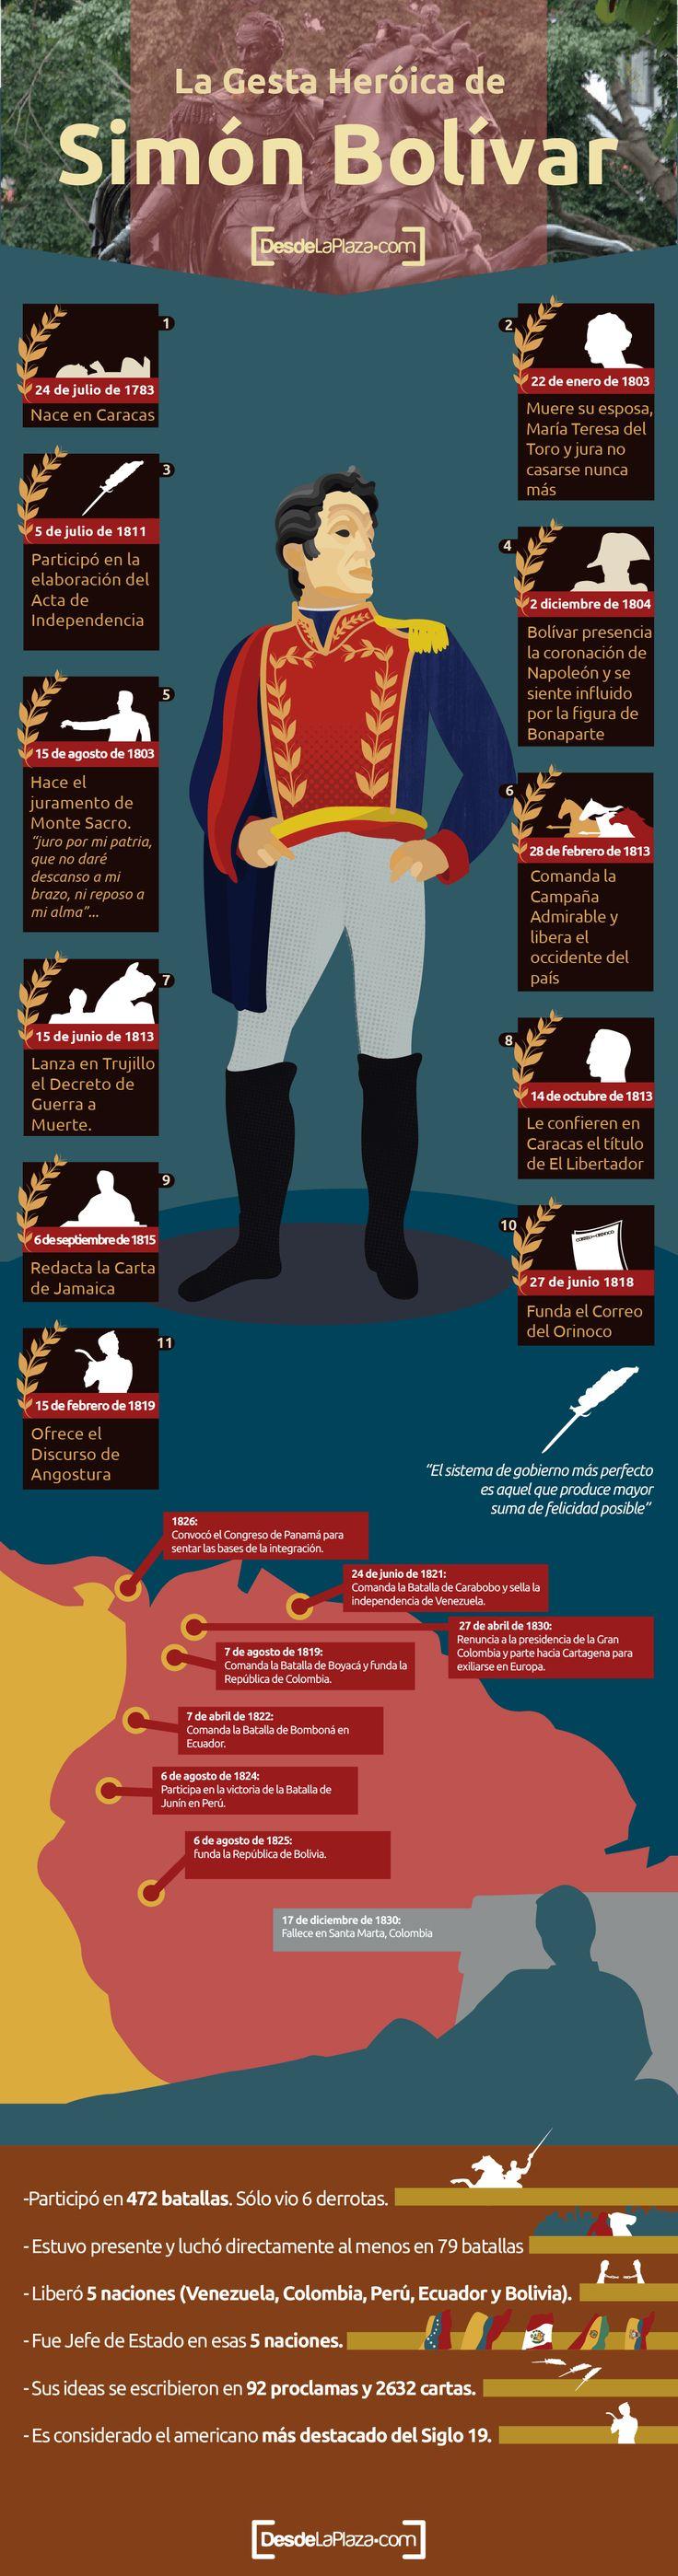 Simón Bolívar es considerado por sus acciones e ideas como el Hombre de América, hoy por cumplirse 233 años de su nacimiento te mostramos en #infografía su gesta heróica